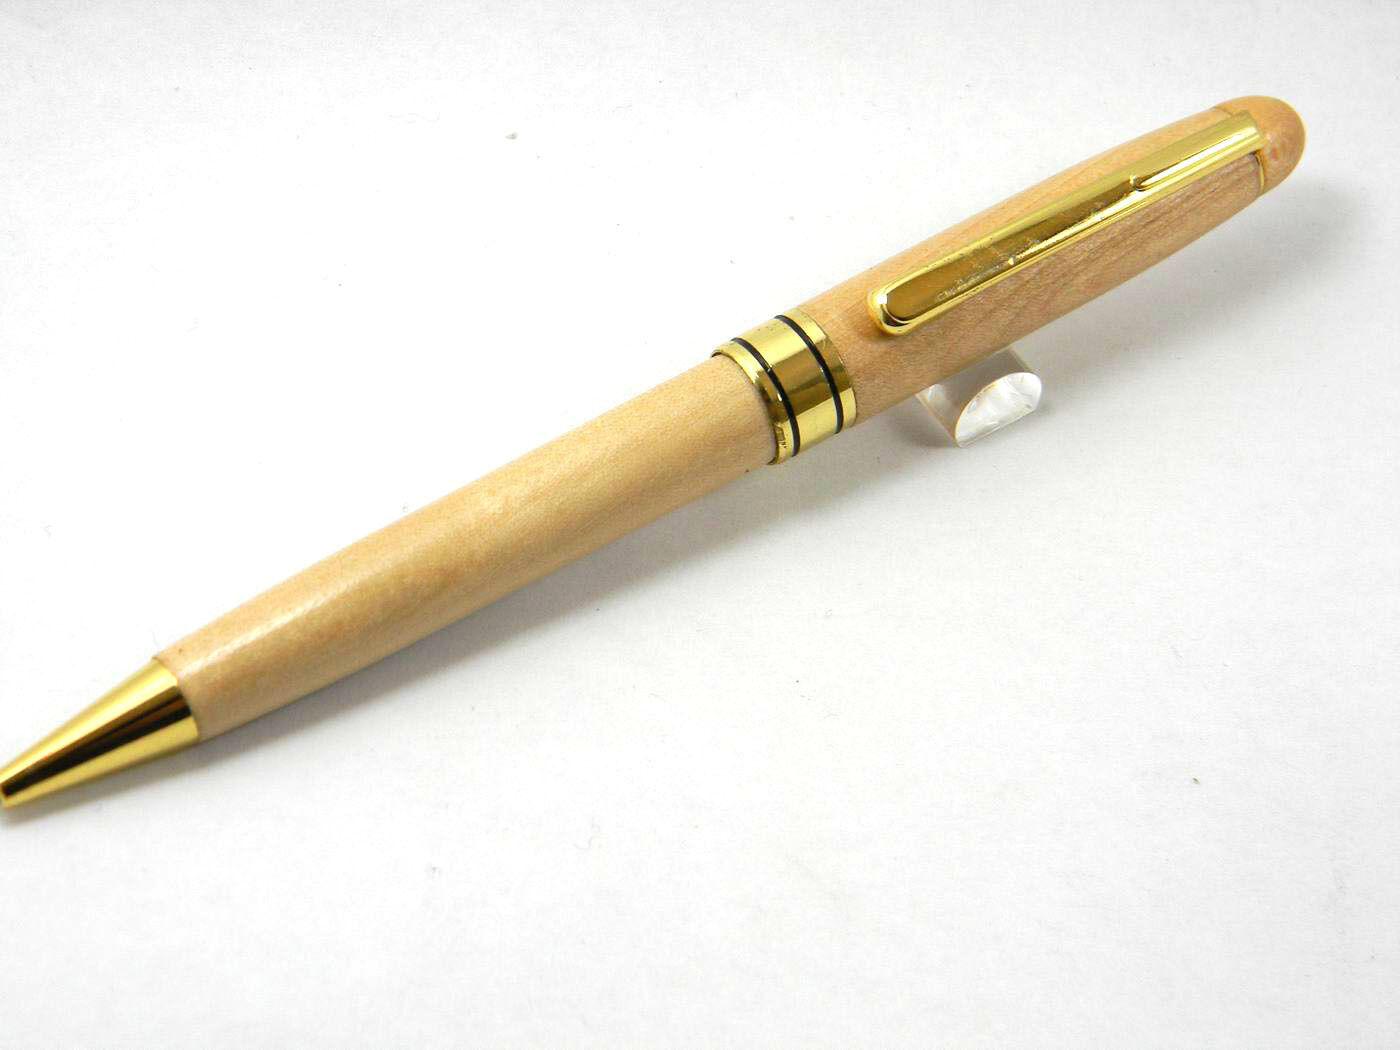 Jinhao Willow Wood Ballpoint Pen Hot | eBay